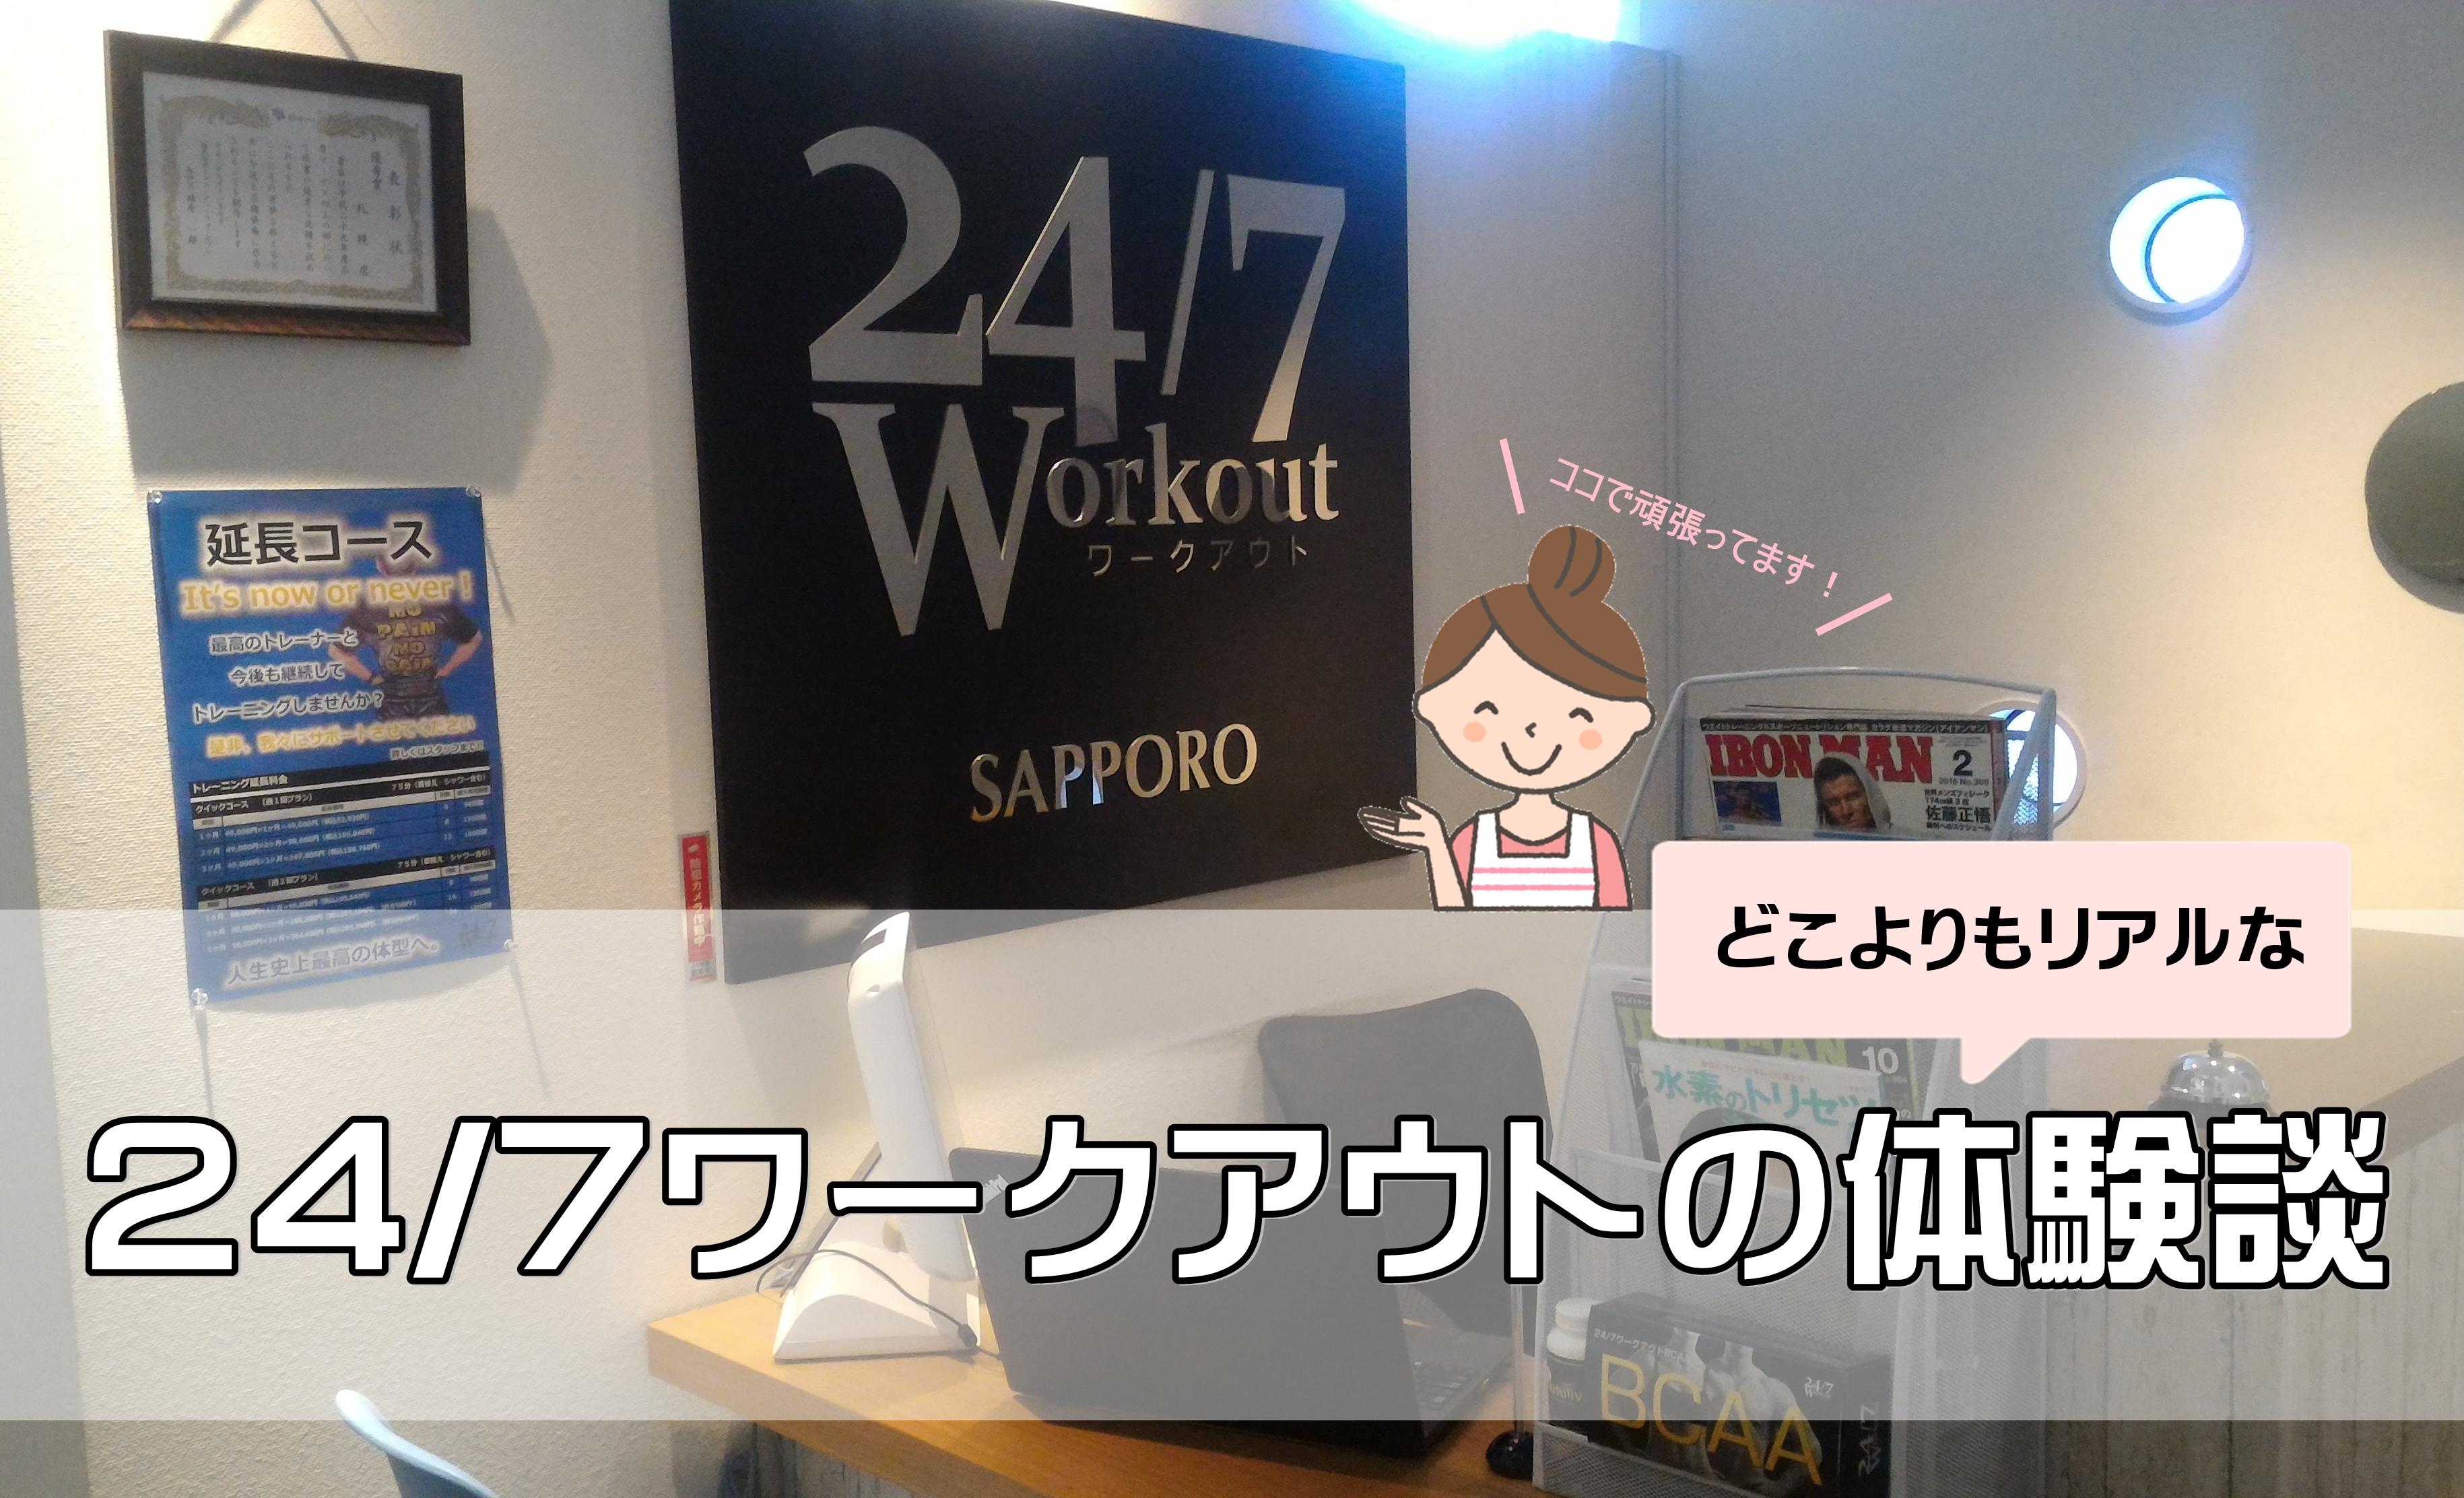 札幌の「24/7ワークアウト」っていうマンツーマンジムでダイエットすることにしたので女性目線で体験談全部書いていく